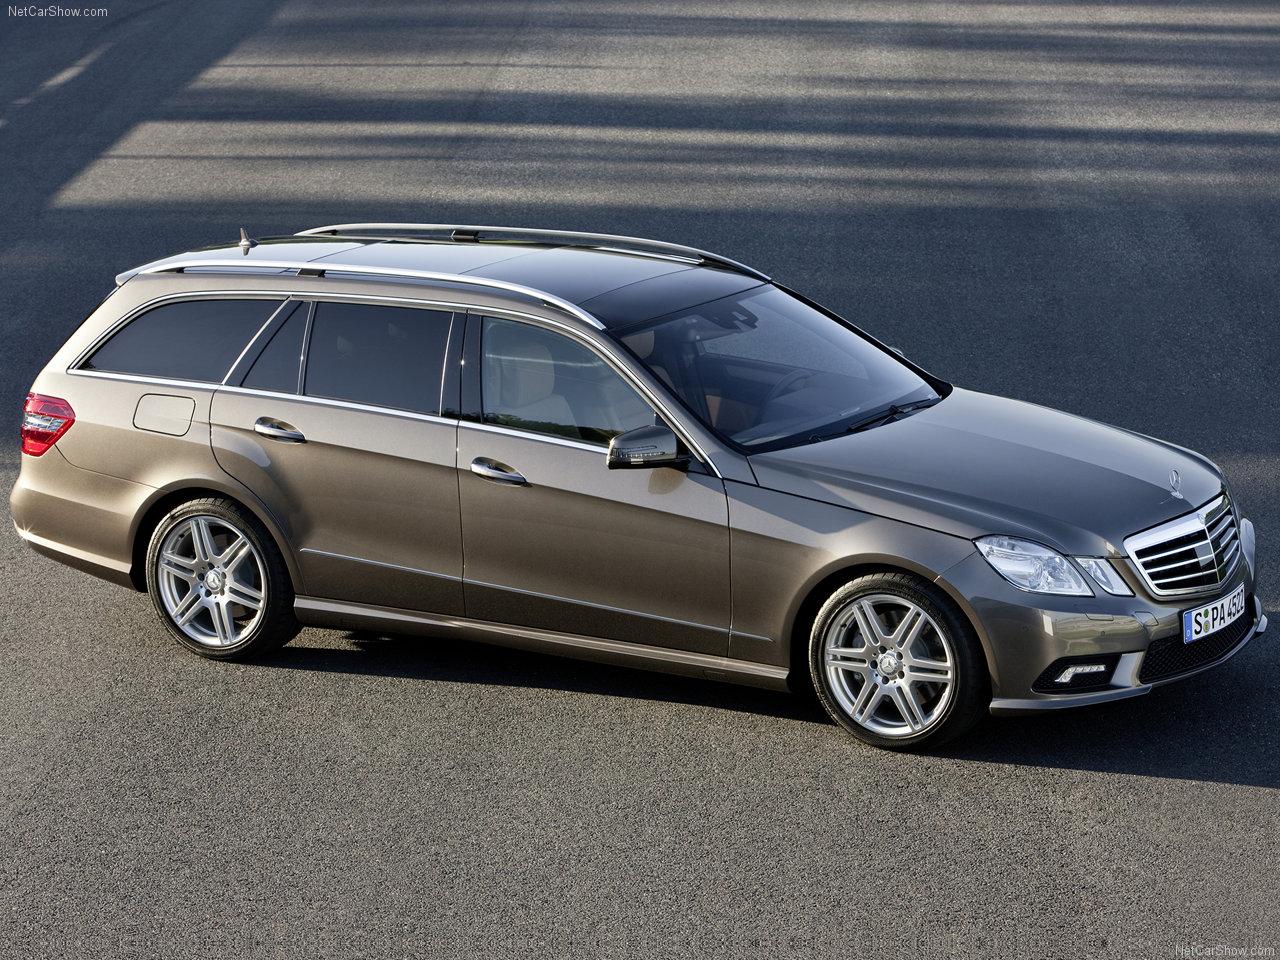 http://1.bp.blogspot.com/-KB5o1SwKc7Q/TWX72MjNg7I/AAAAAAACK4o/fYWp5P18vWE/s1600/Mercedes-Benz-E-Class_Estate_AMG_Sports_Package_2010_1280x960_wallpaper_05.jpg